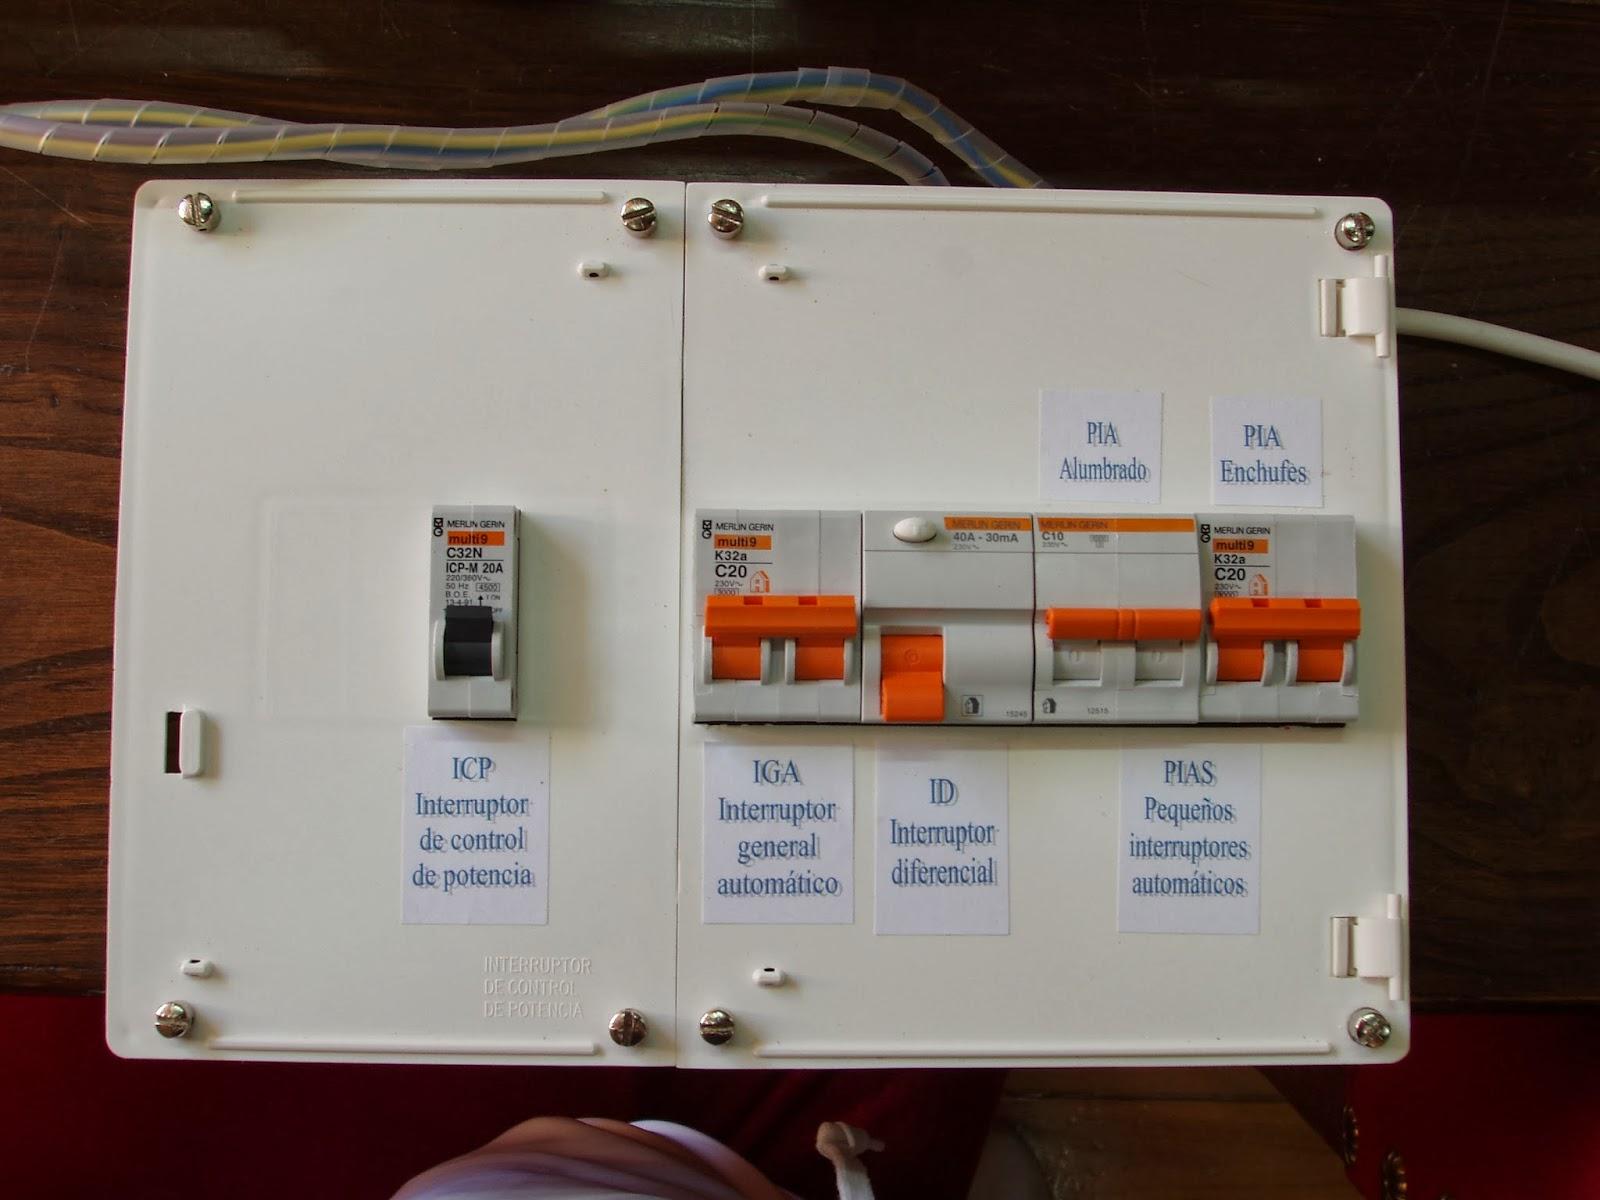 Tecnologia san tom 3 eso 12 cuadro de mando y protecci n - Interruptor general automatico ...